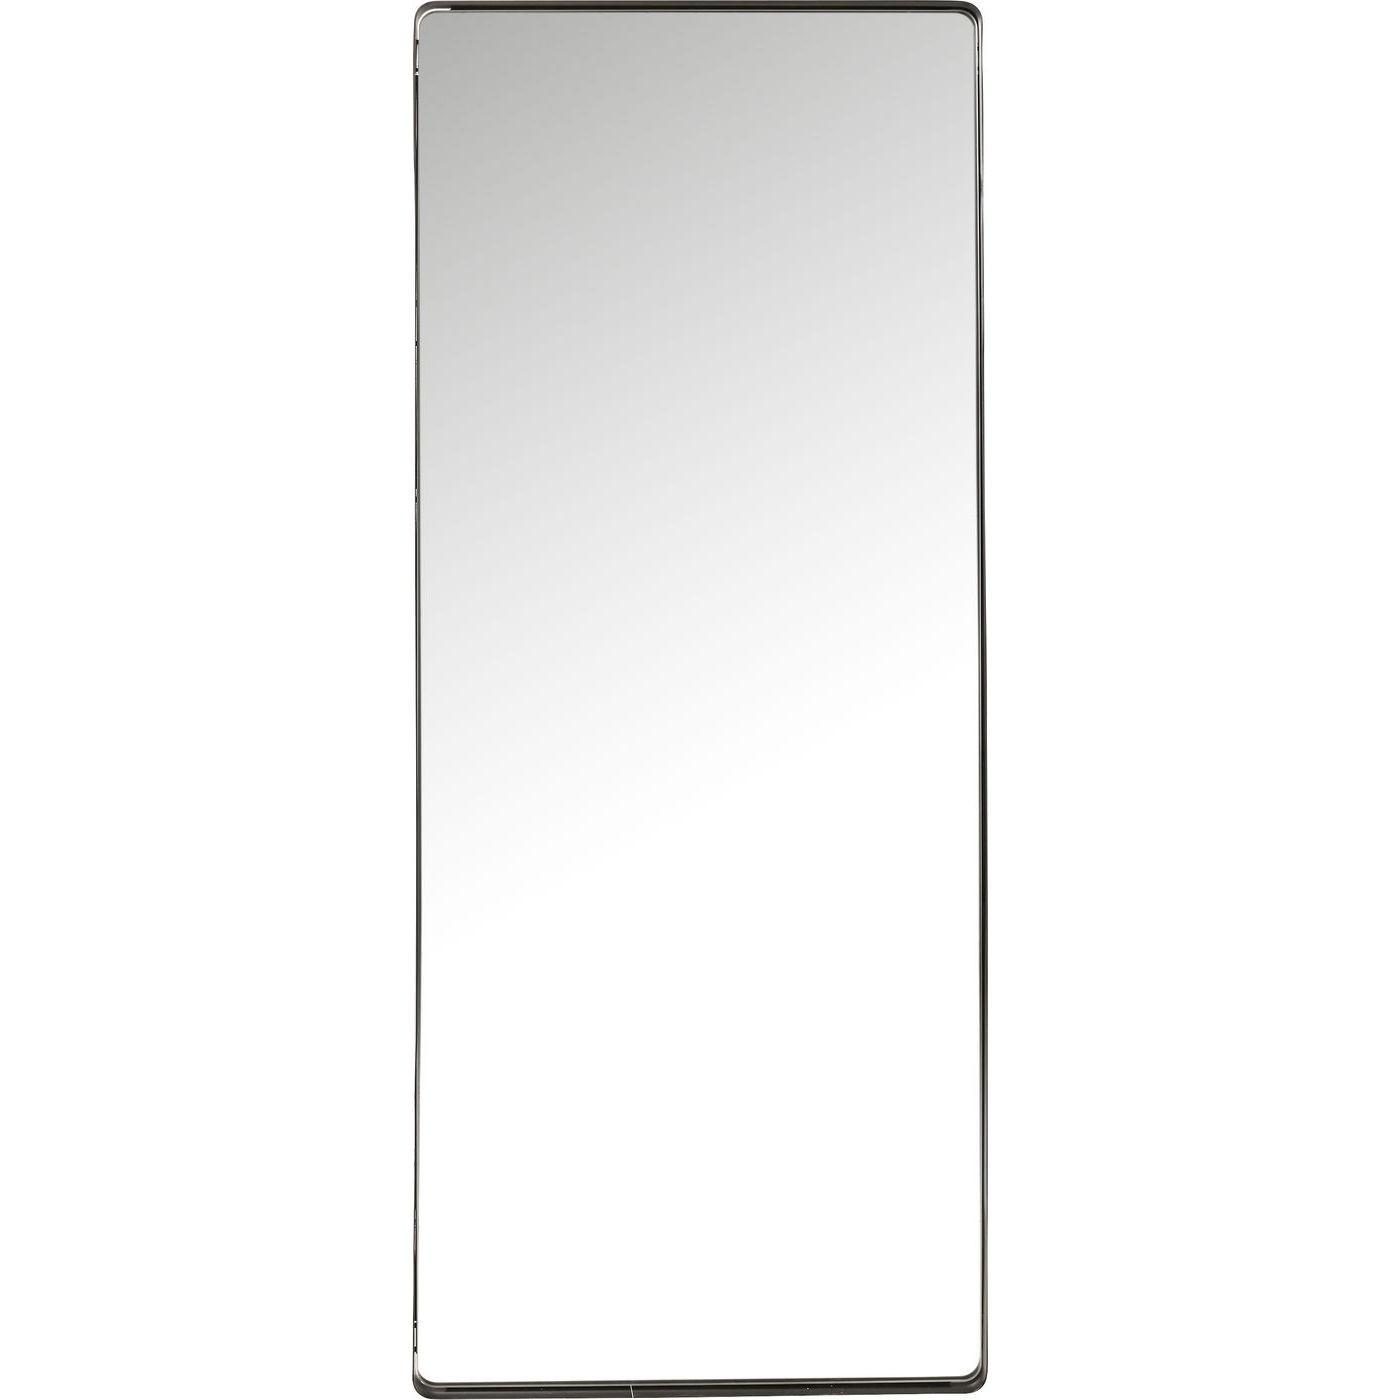 KARE DESIGN Shadow spejl - sort stålramme og spejlglas, 200x80